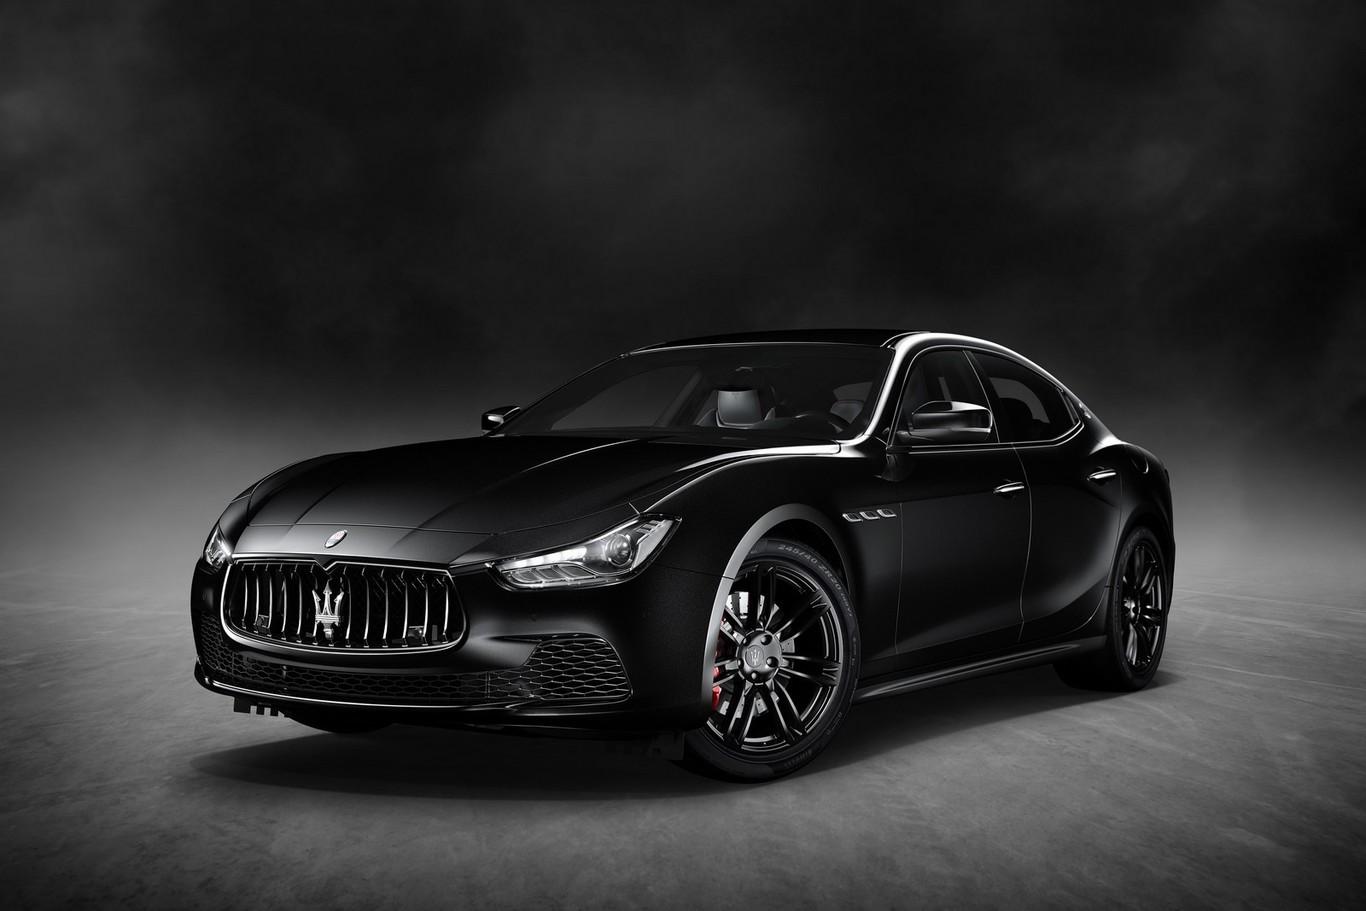 Maserati presenta en Nueva York el Ghibli Nerissimo Black Edition